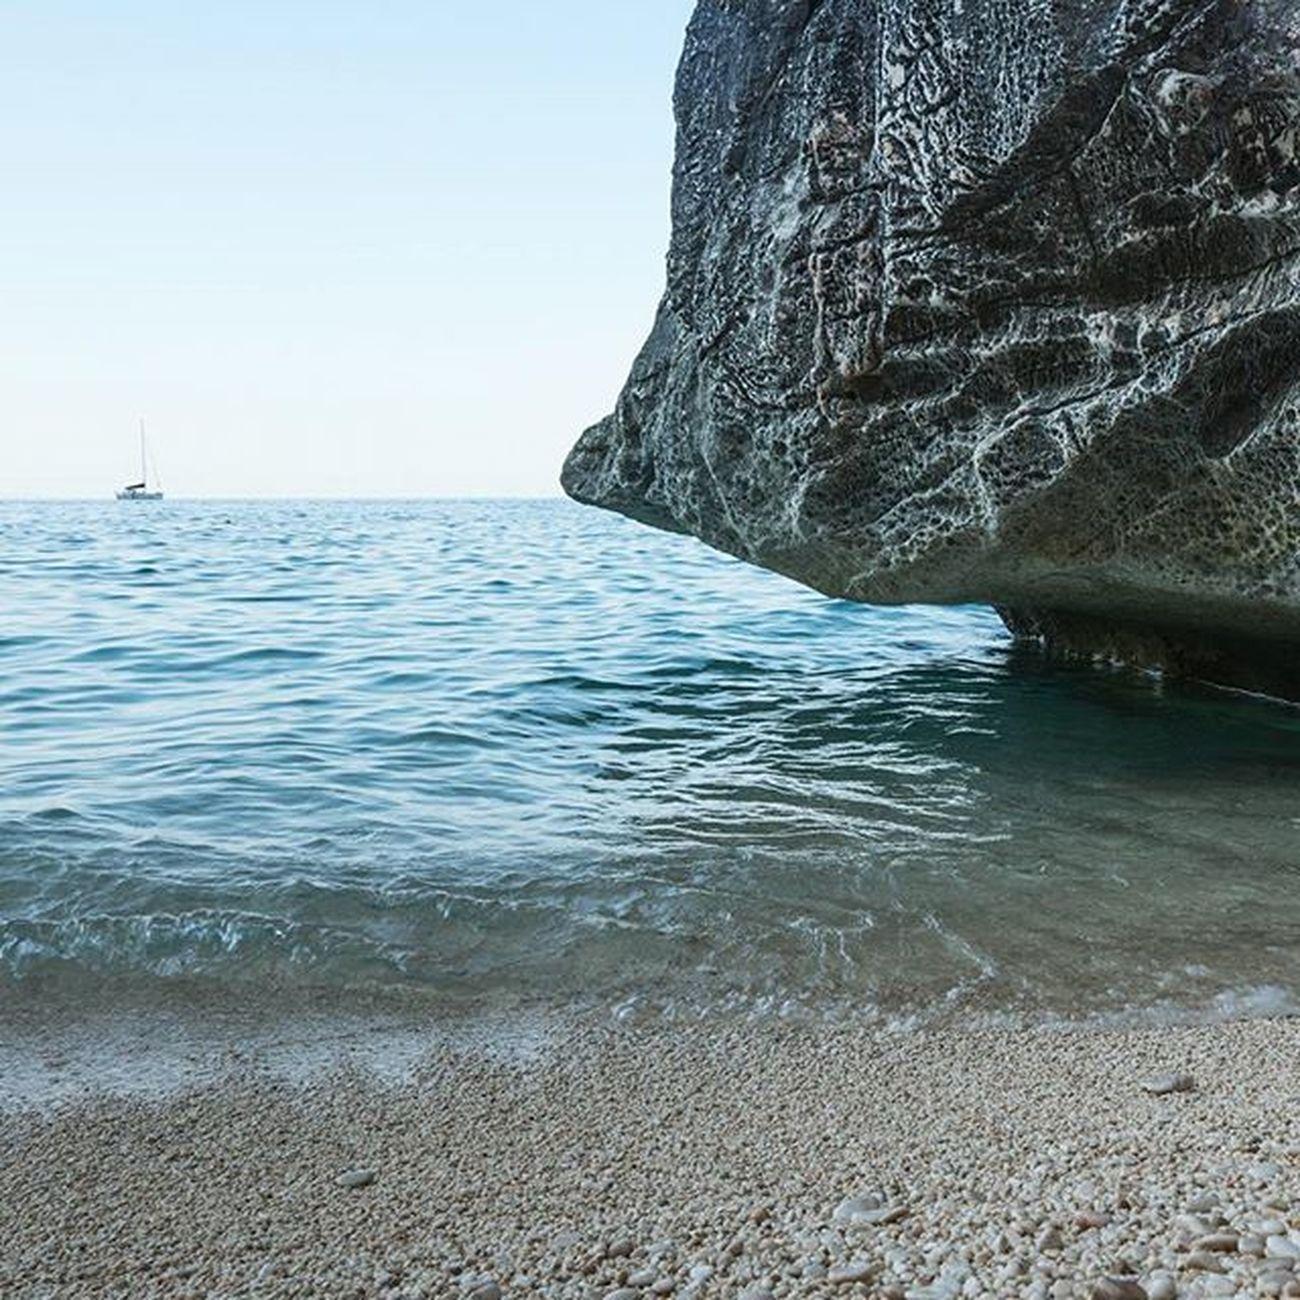 Calagoloritze Sardinia Igers_Sardegna Love_natura